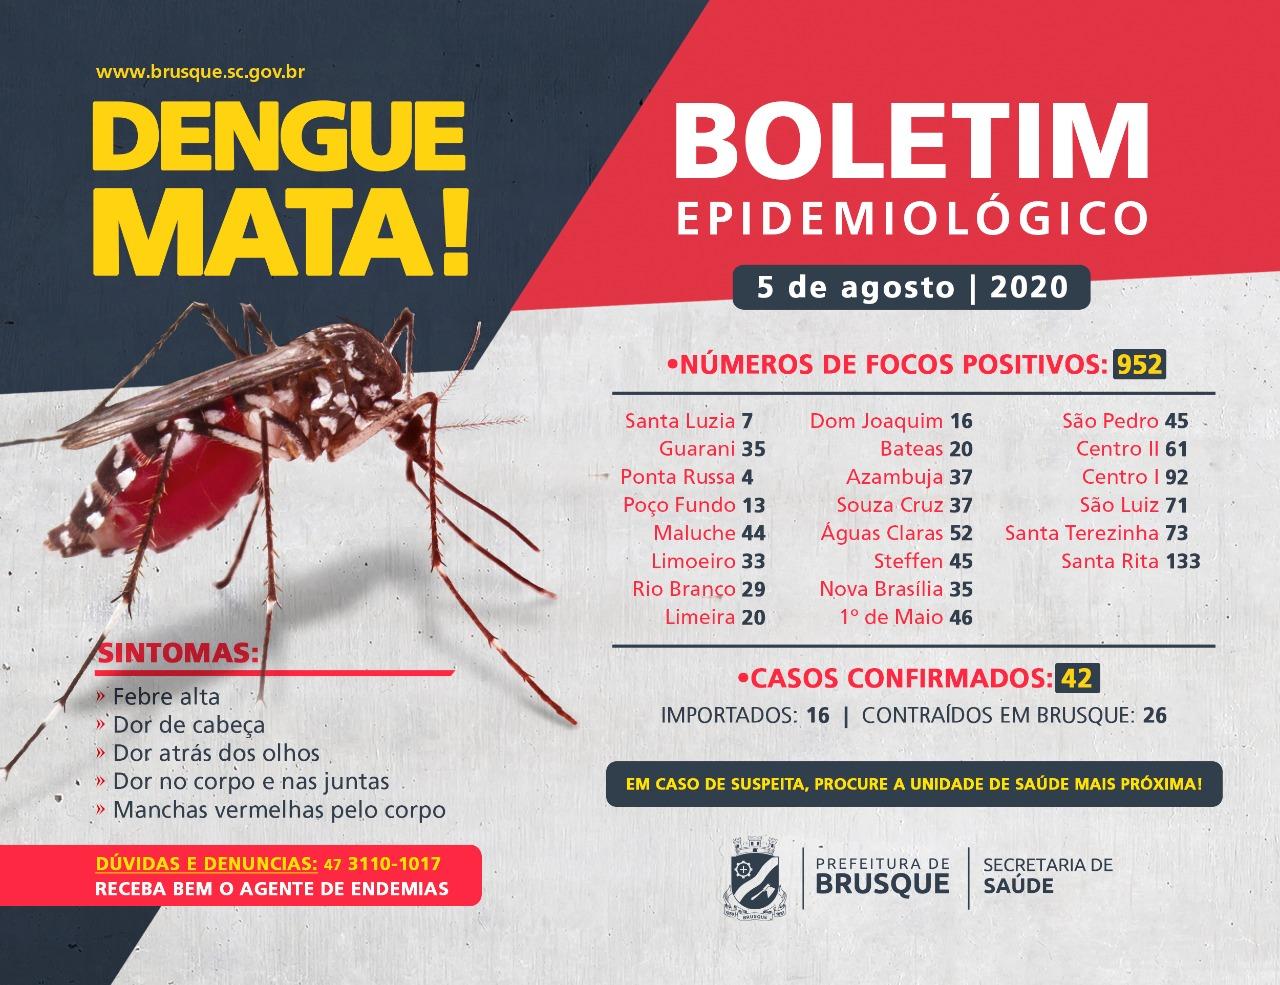 Confira o boletim epidemiológico da dengue desta quarta-feira (5)